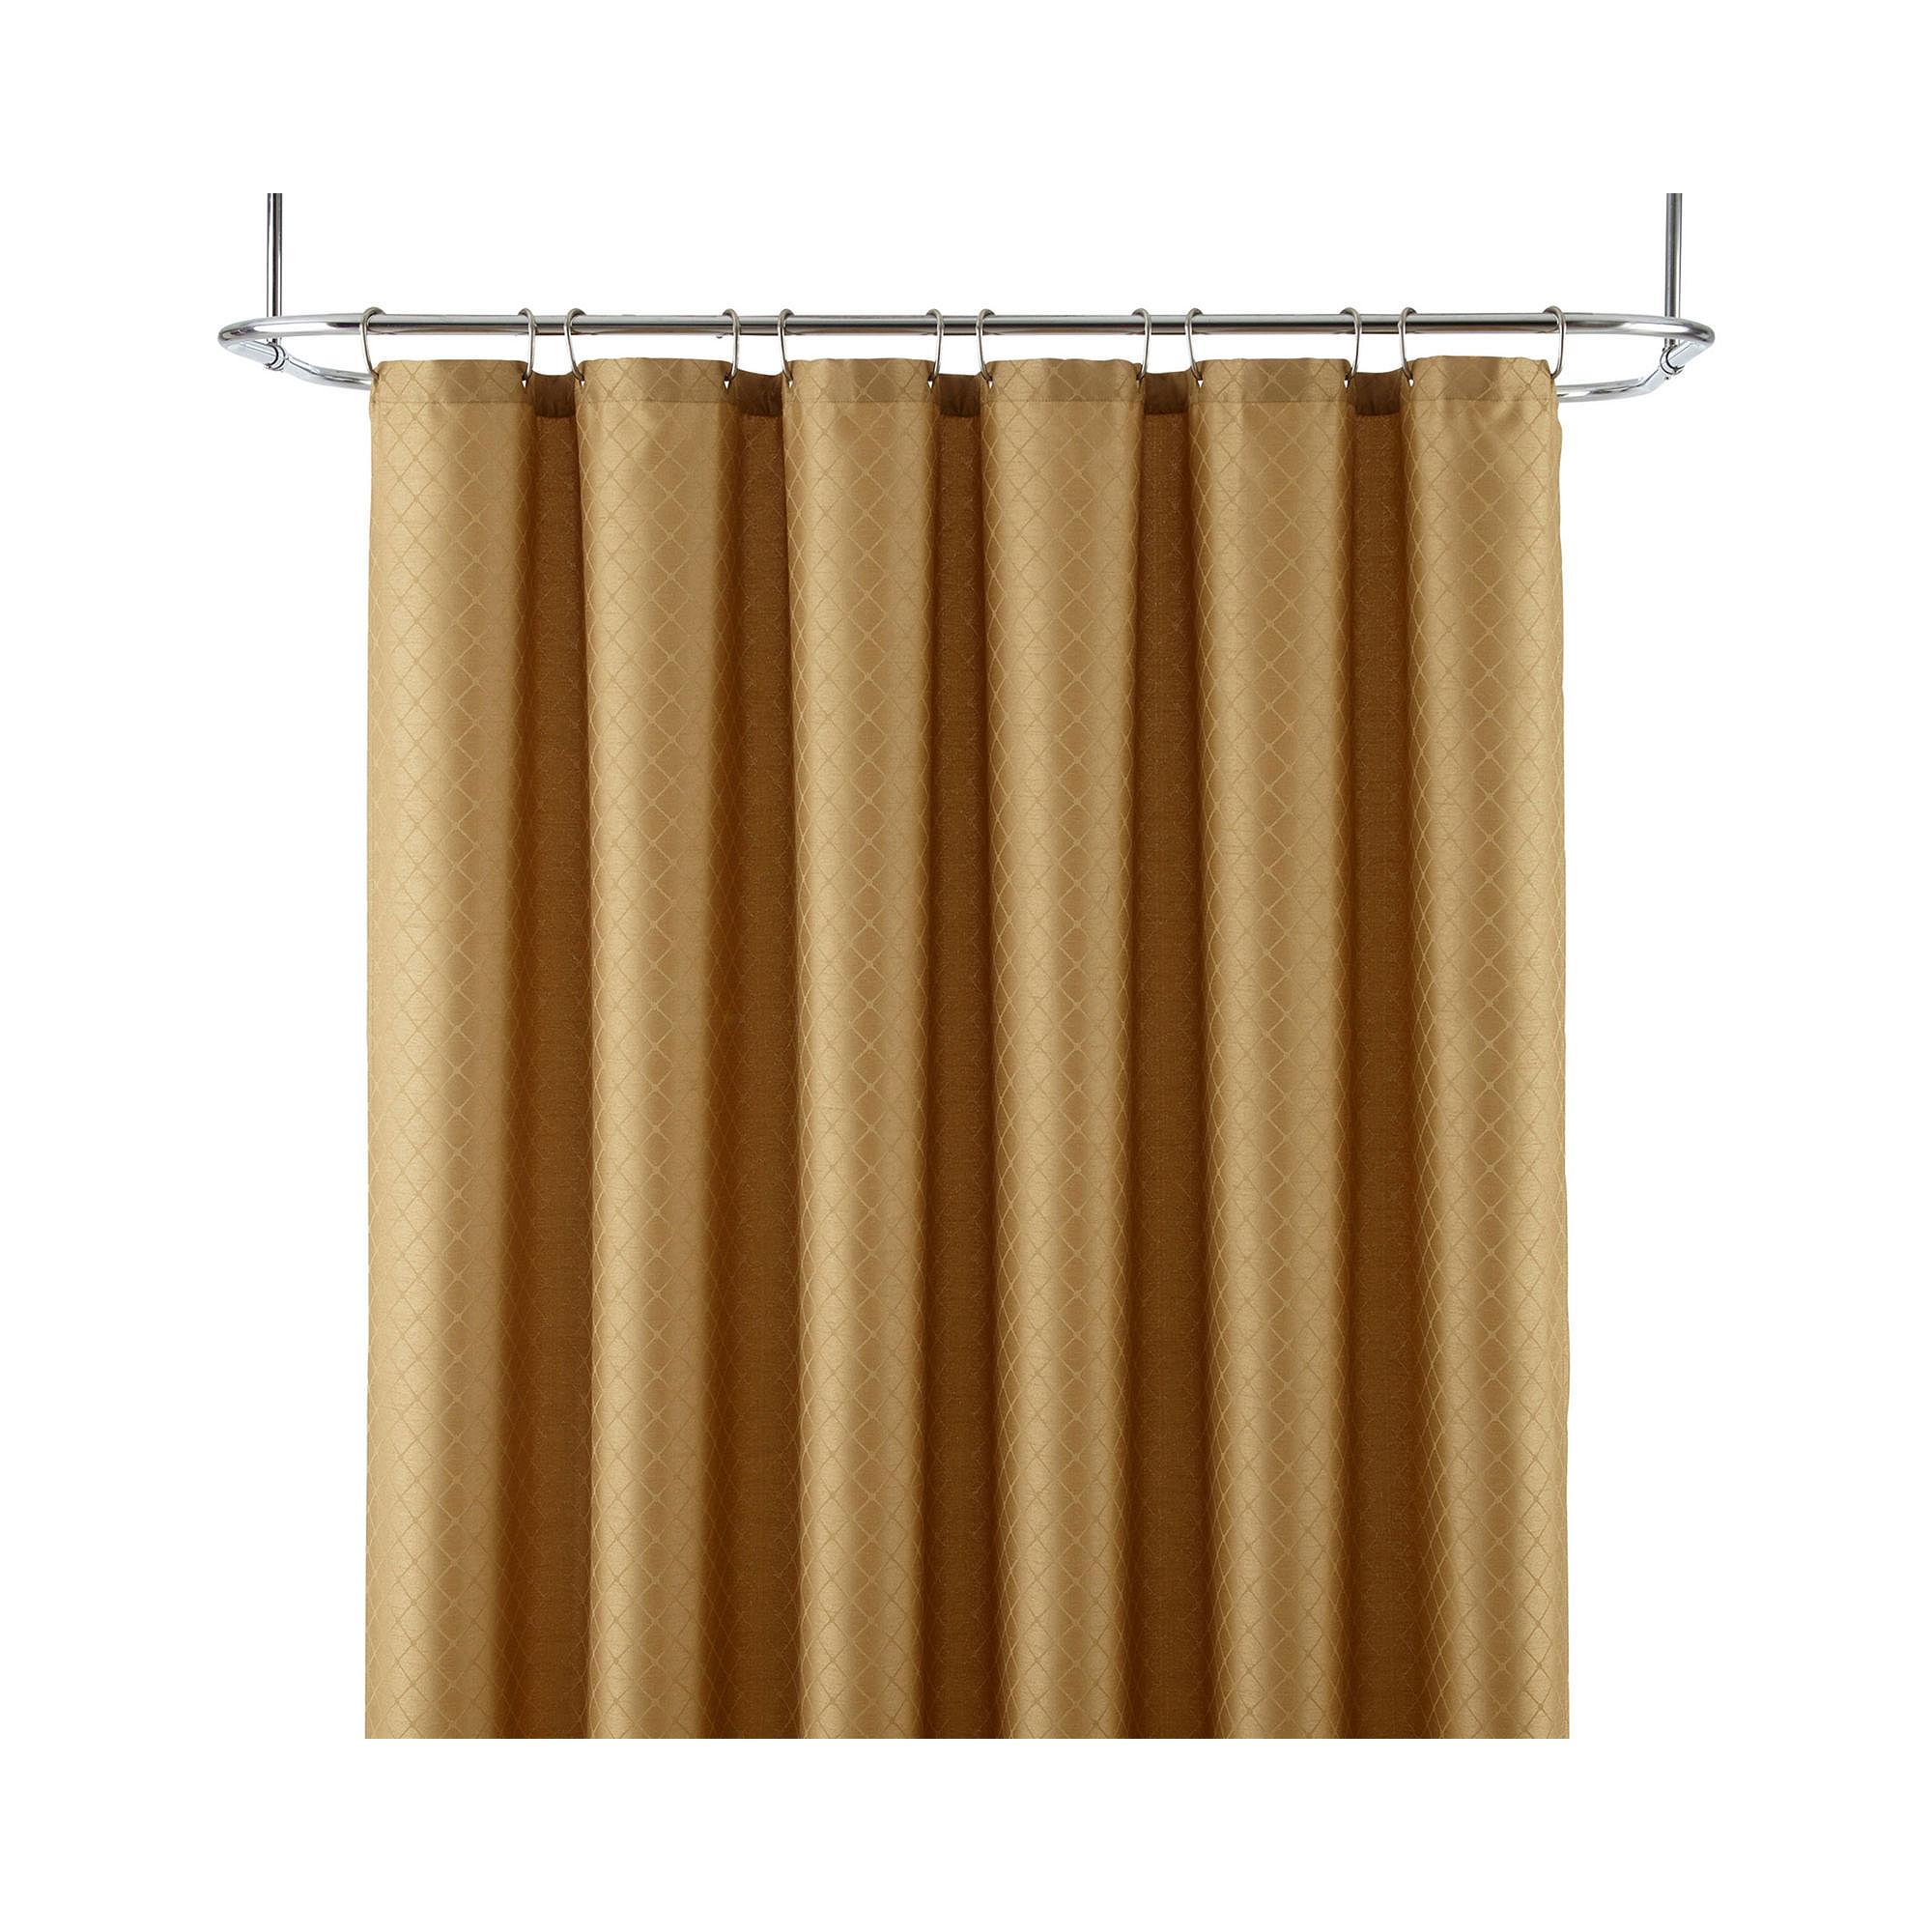 UPC 074409670034 Product Image For Royal Velvet Diamond Jacquard Despecd Shower Curtain